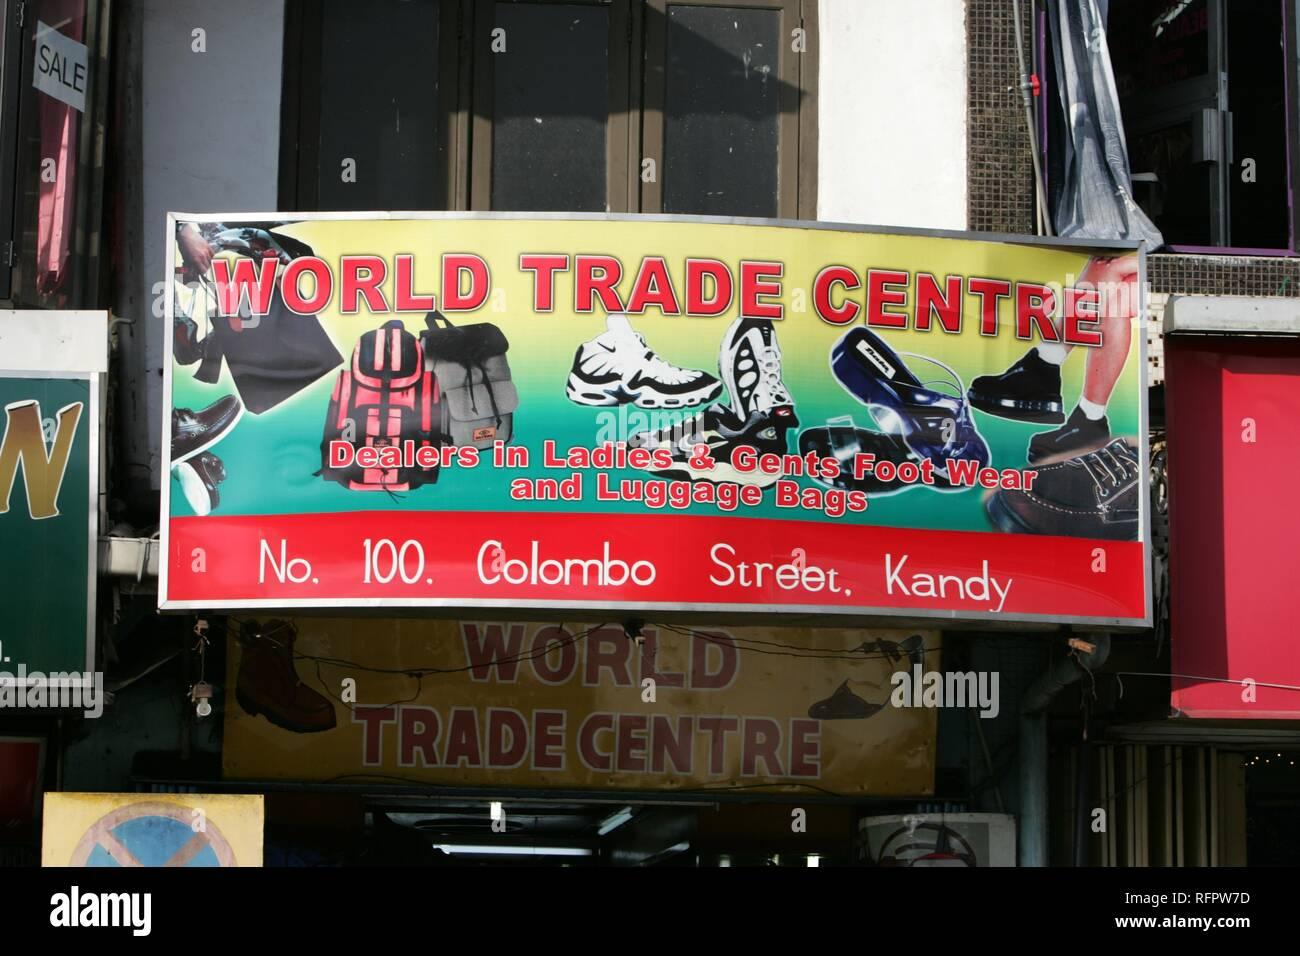 LKA, Sri Lanka, Kandy : Sign of a shop, World Trade Center. Stock Photo